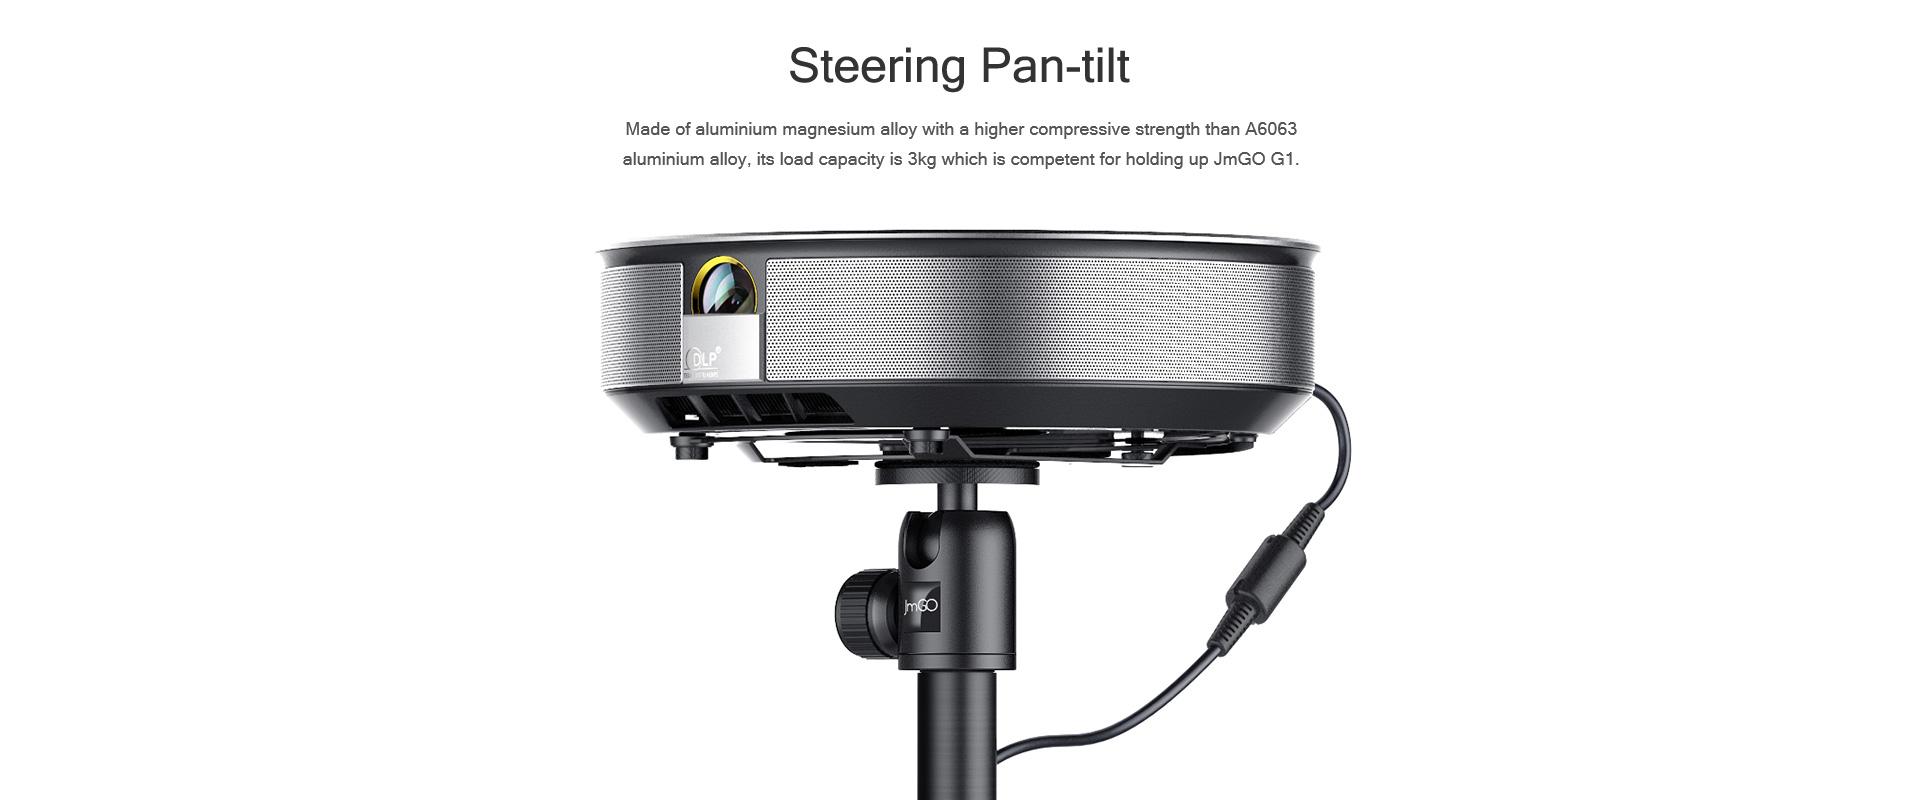 Steering Pan